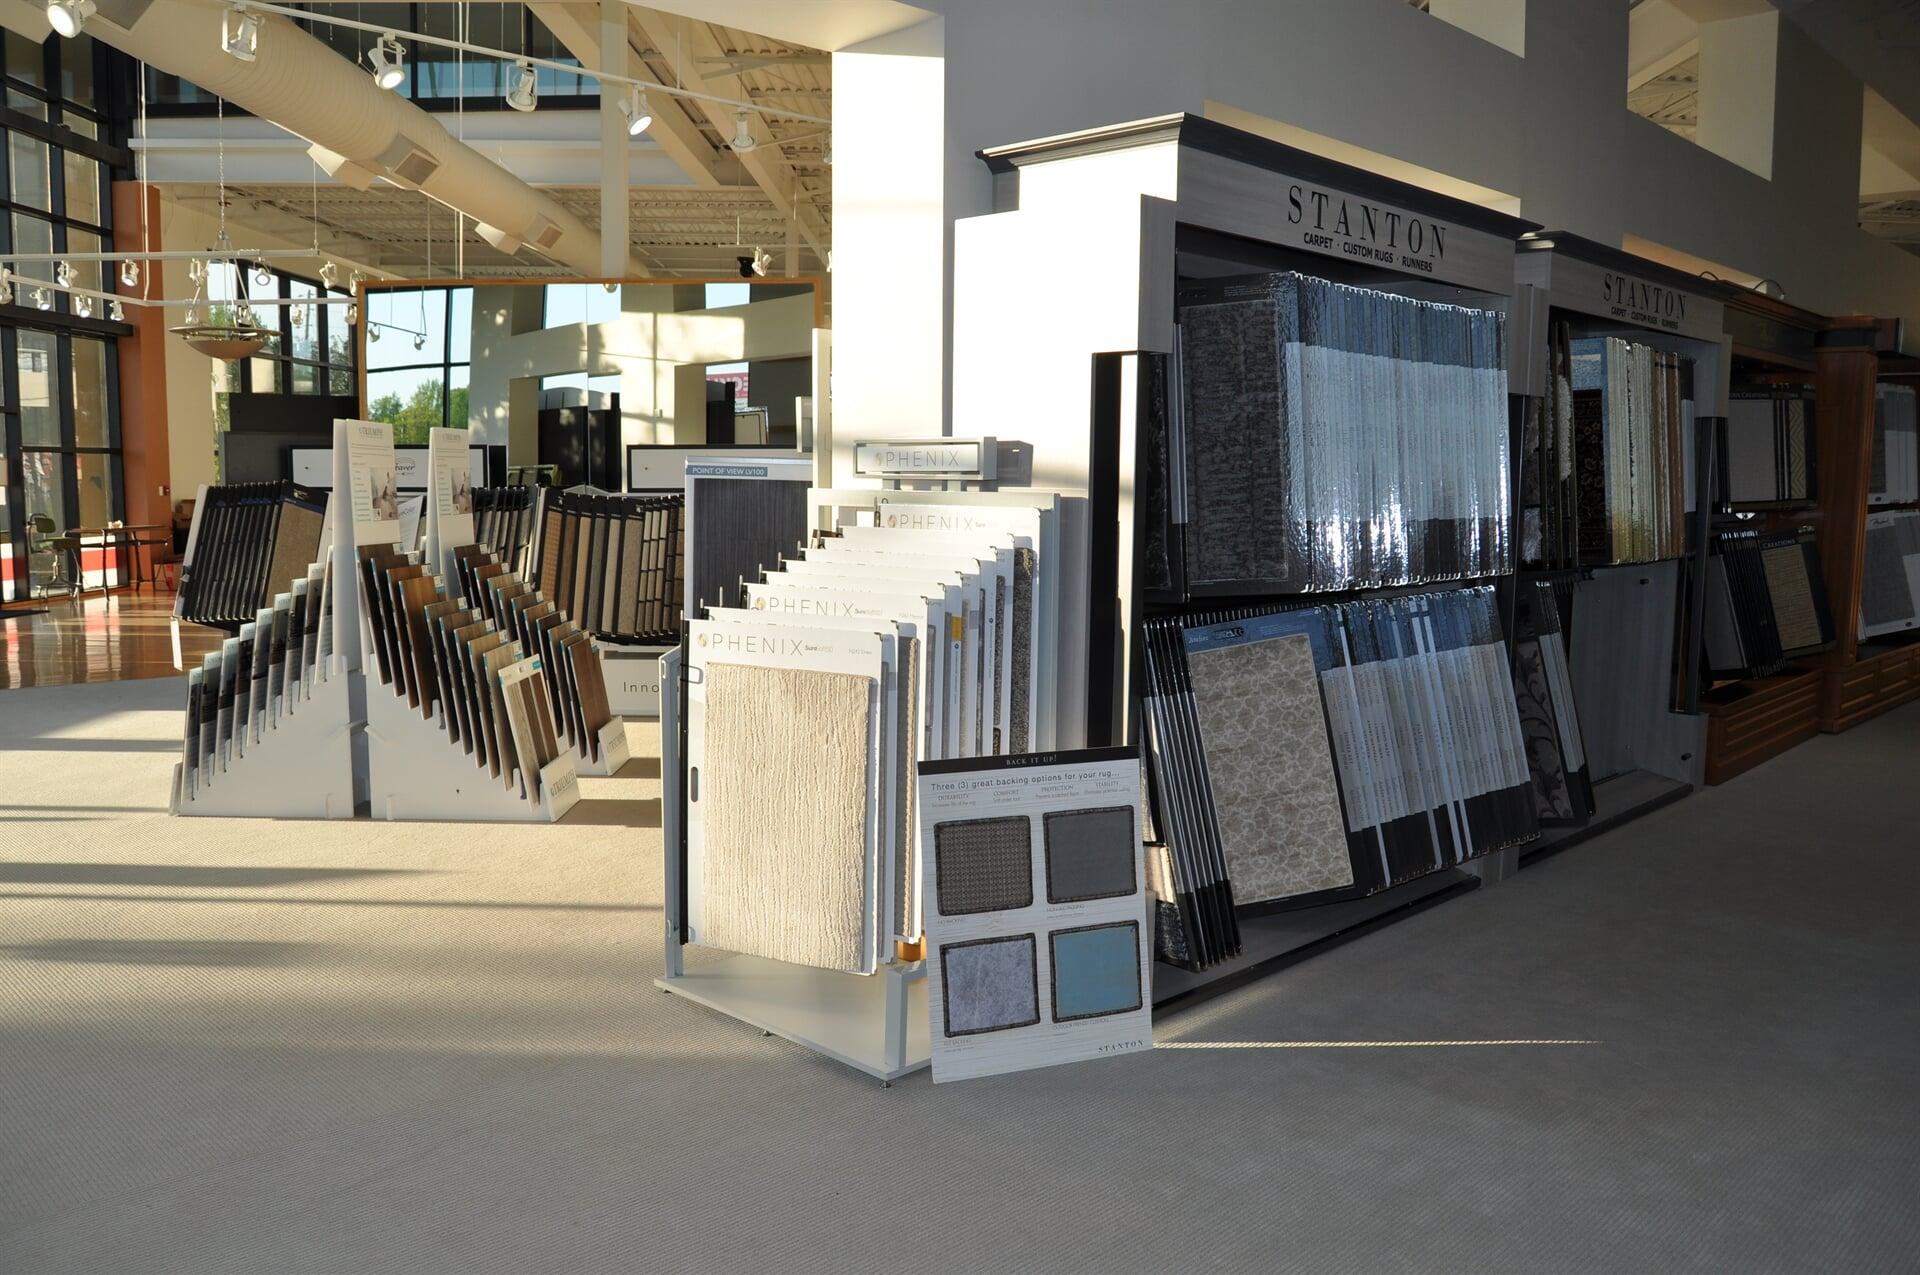 Stanton carpet for your Atlanta, GA home from Beckler's Flooring Center